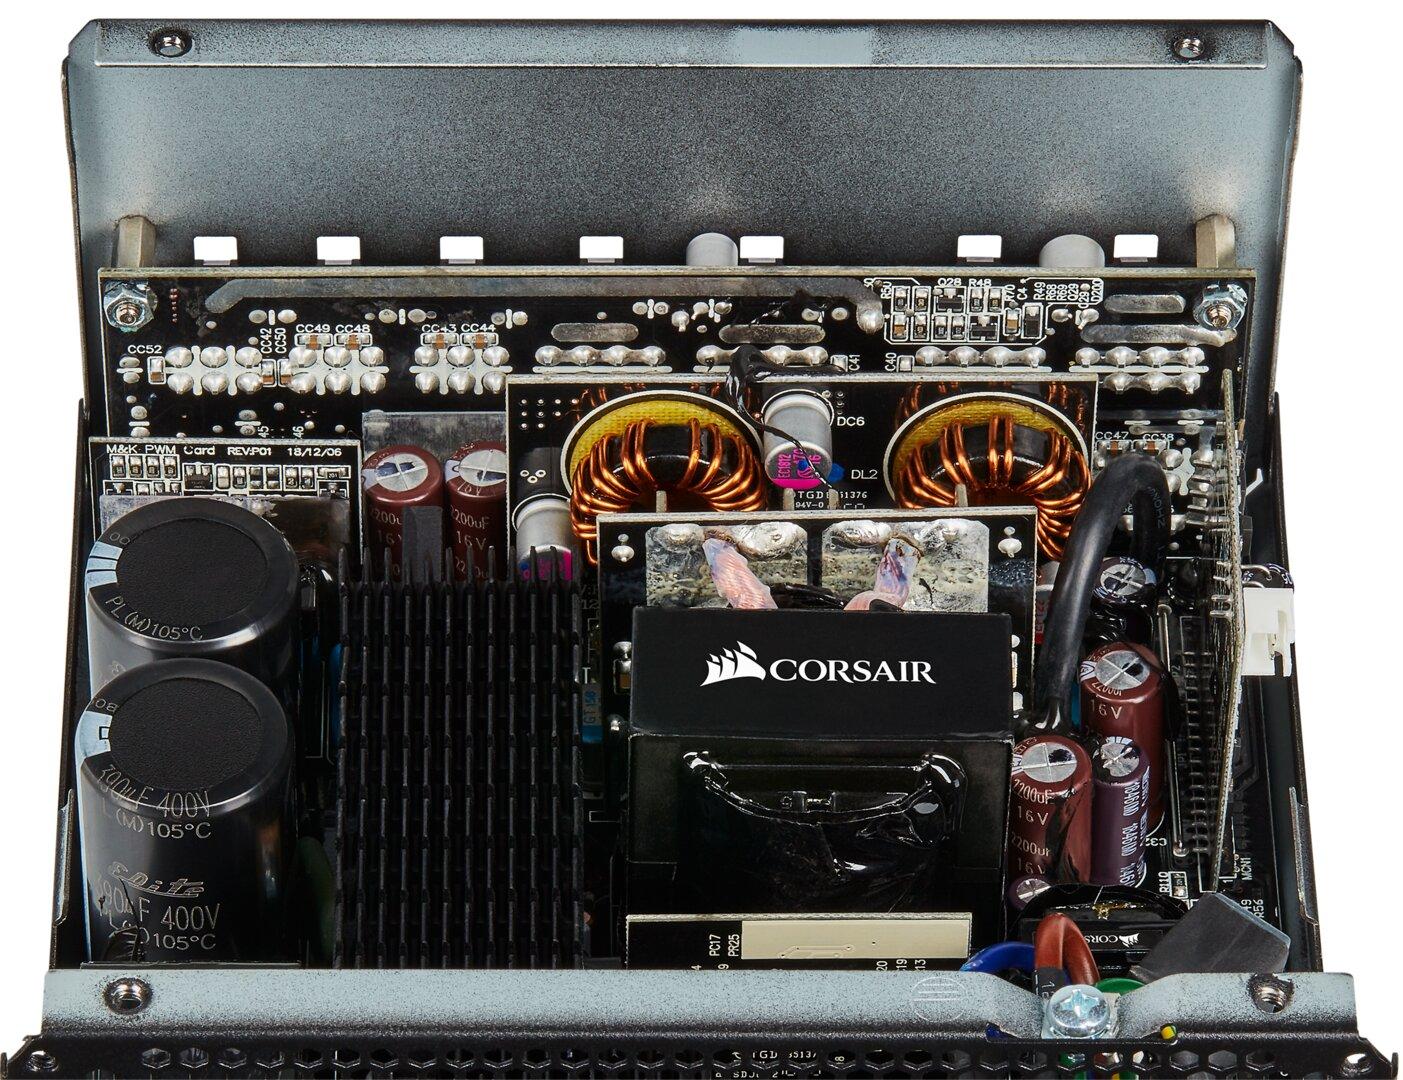 Corsair RM850